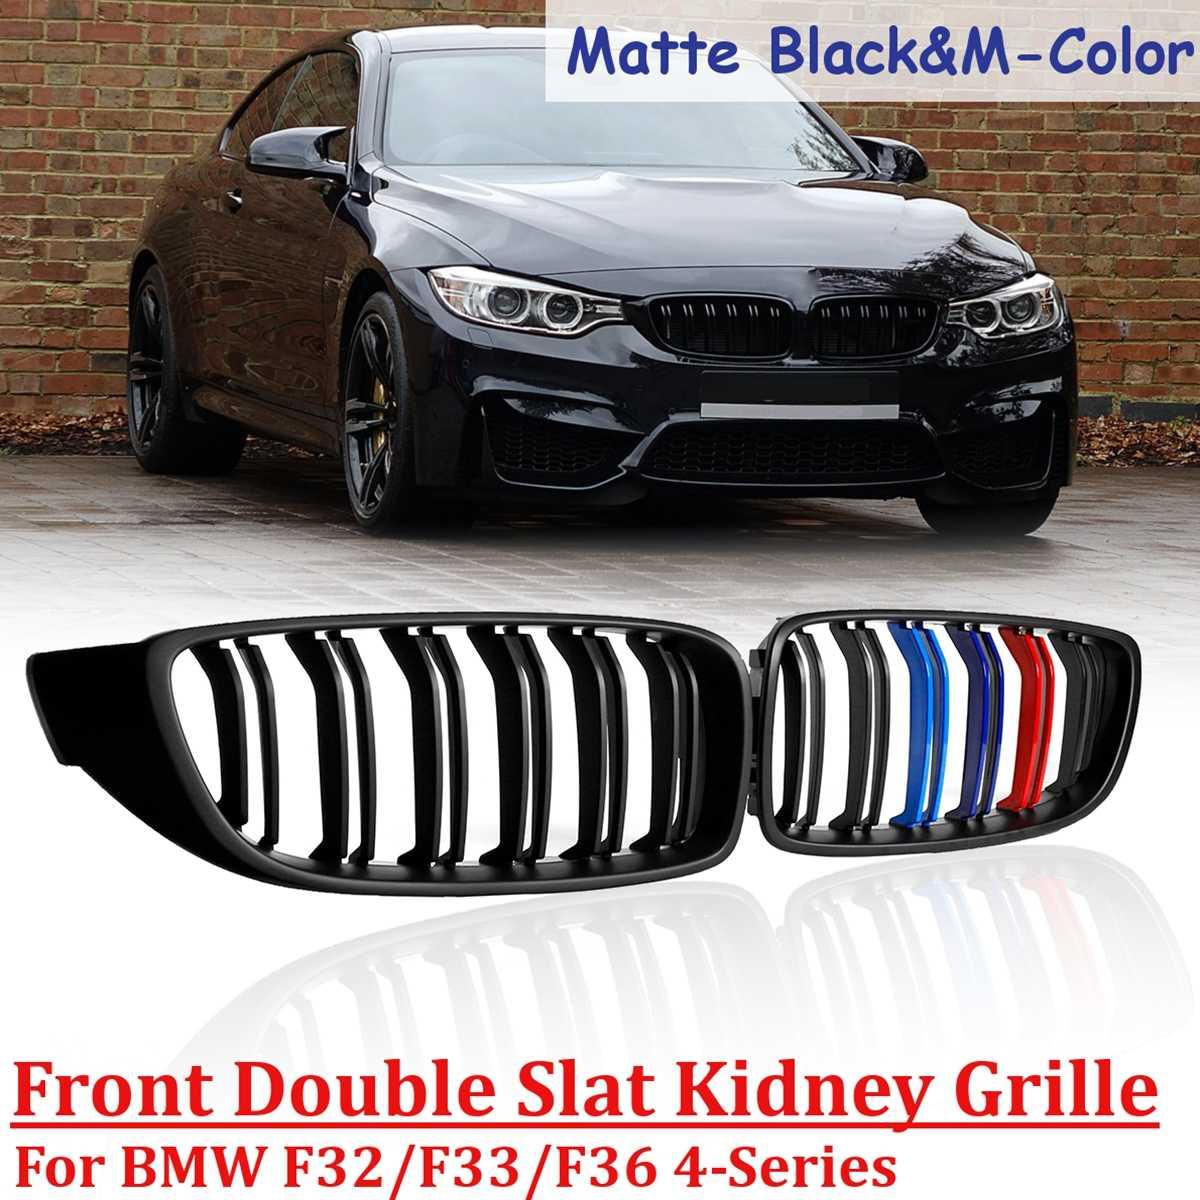 1 para czarny błyszczący-M kolor matowy czarny przednia nerka grill podwójna listwa M4 styl sportowy maskownica do bmw F82 F80 F32 F36 2013-2016